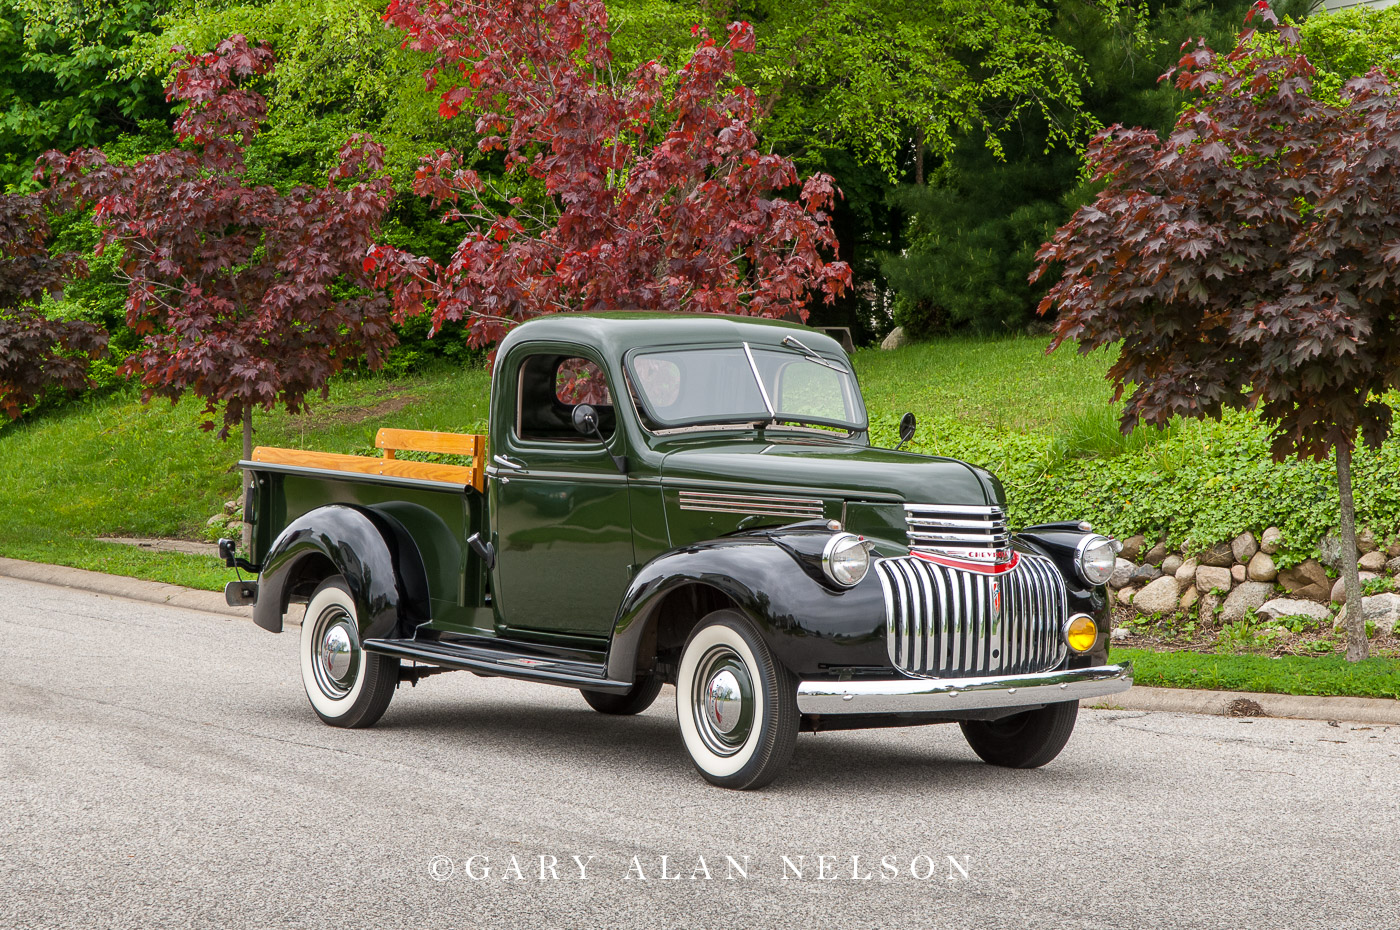 VT-11-60-CH 1946 Chevrolet 3100